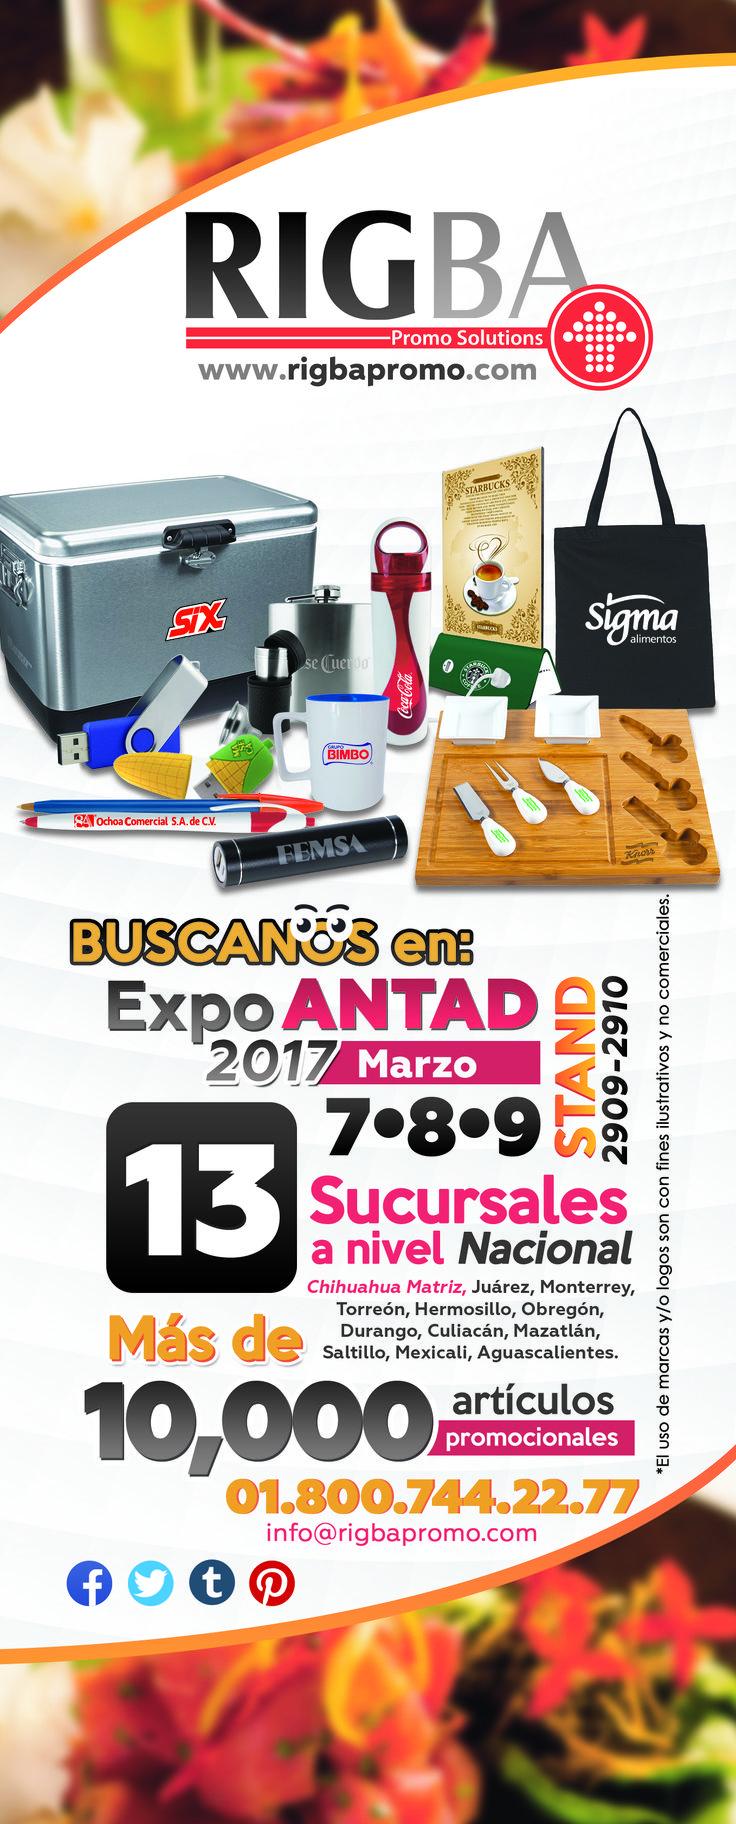 Este 7, 8 y 9 de Marzo estaremos participando en Expo Antad y Alimentaria en Expo Guadalajara.🍅 🍞 🍗 🍷 Visítanos!! Tendremos regalos